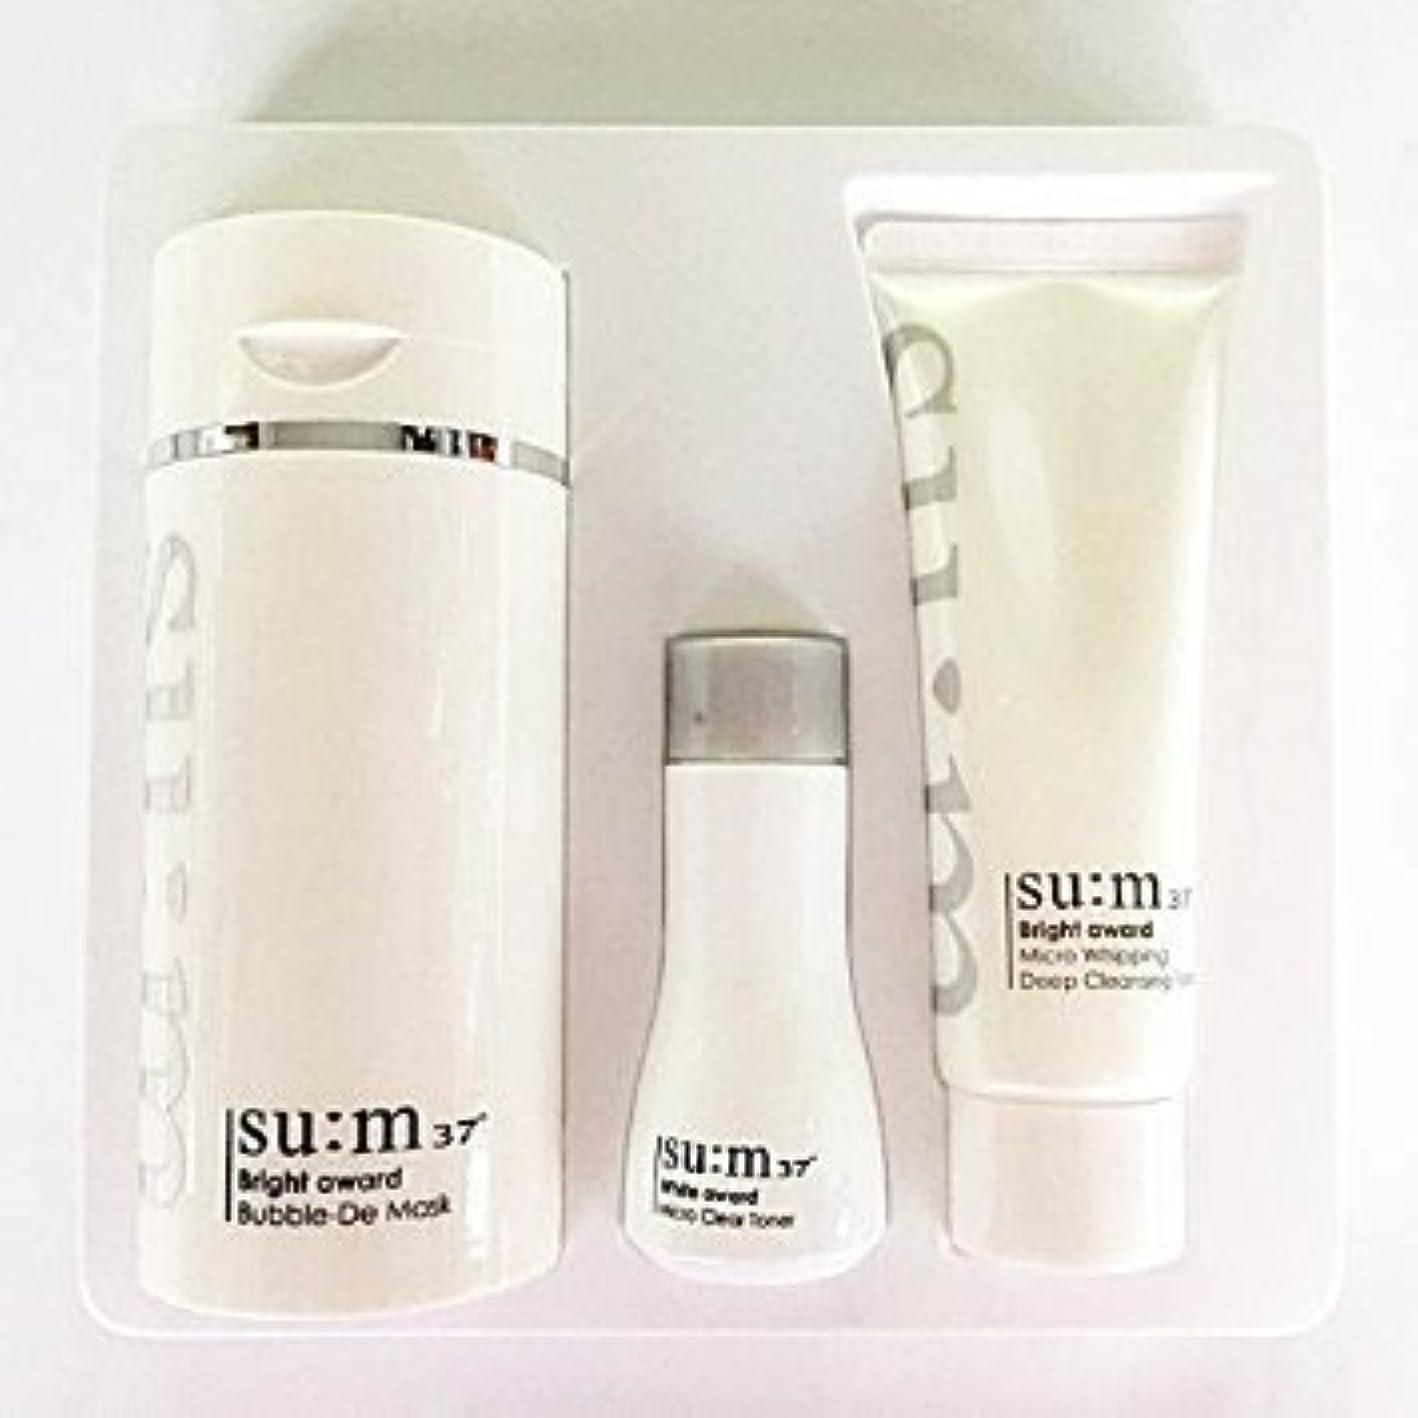 ひねり前奏曲リサイクルするSu:m37°(スム37) Su:m 37 White Bright Award Bubble-De Mask Special Set 企画セット [並行輸入品]